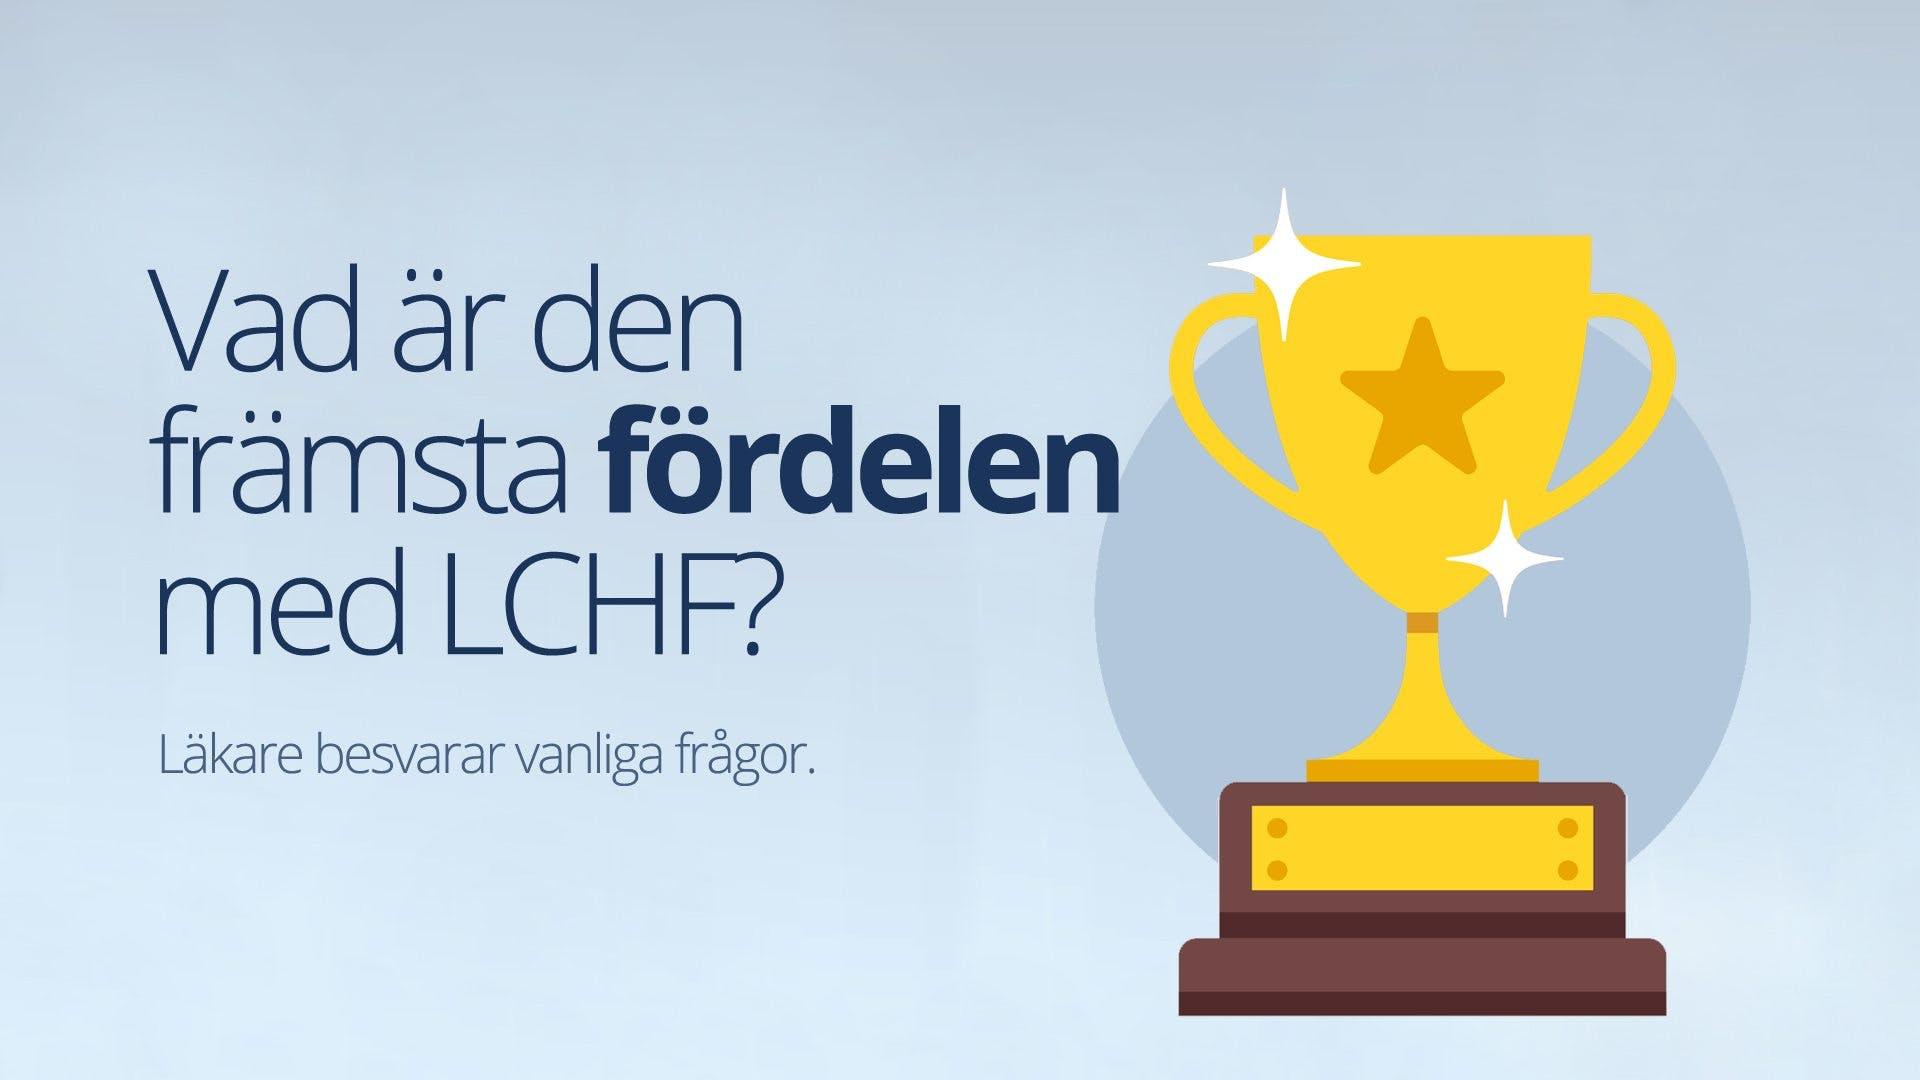 Vad är den främsta fördelen med LCHF?